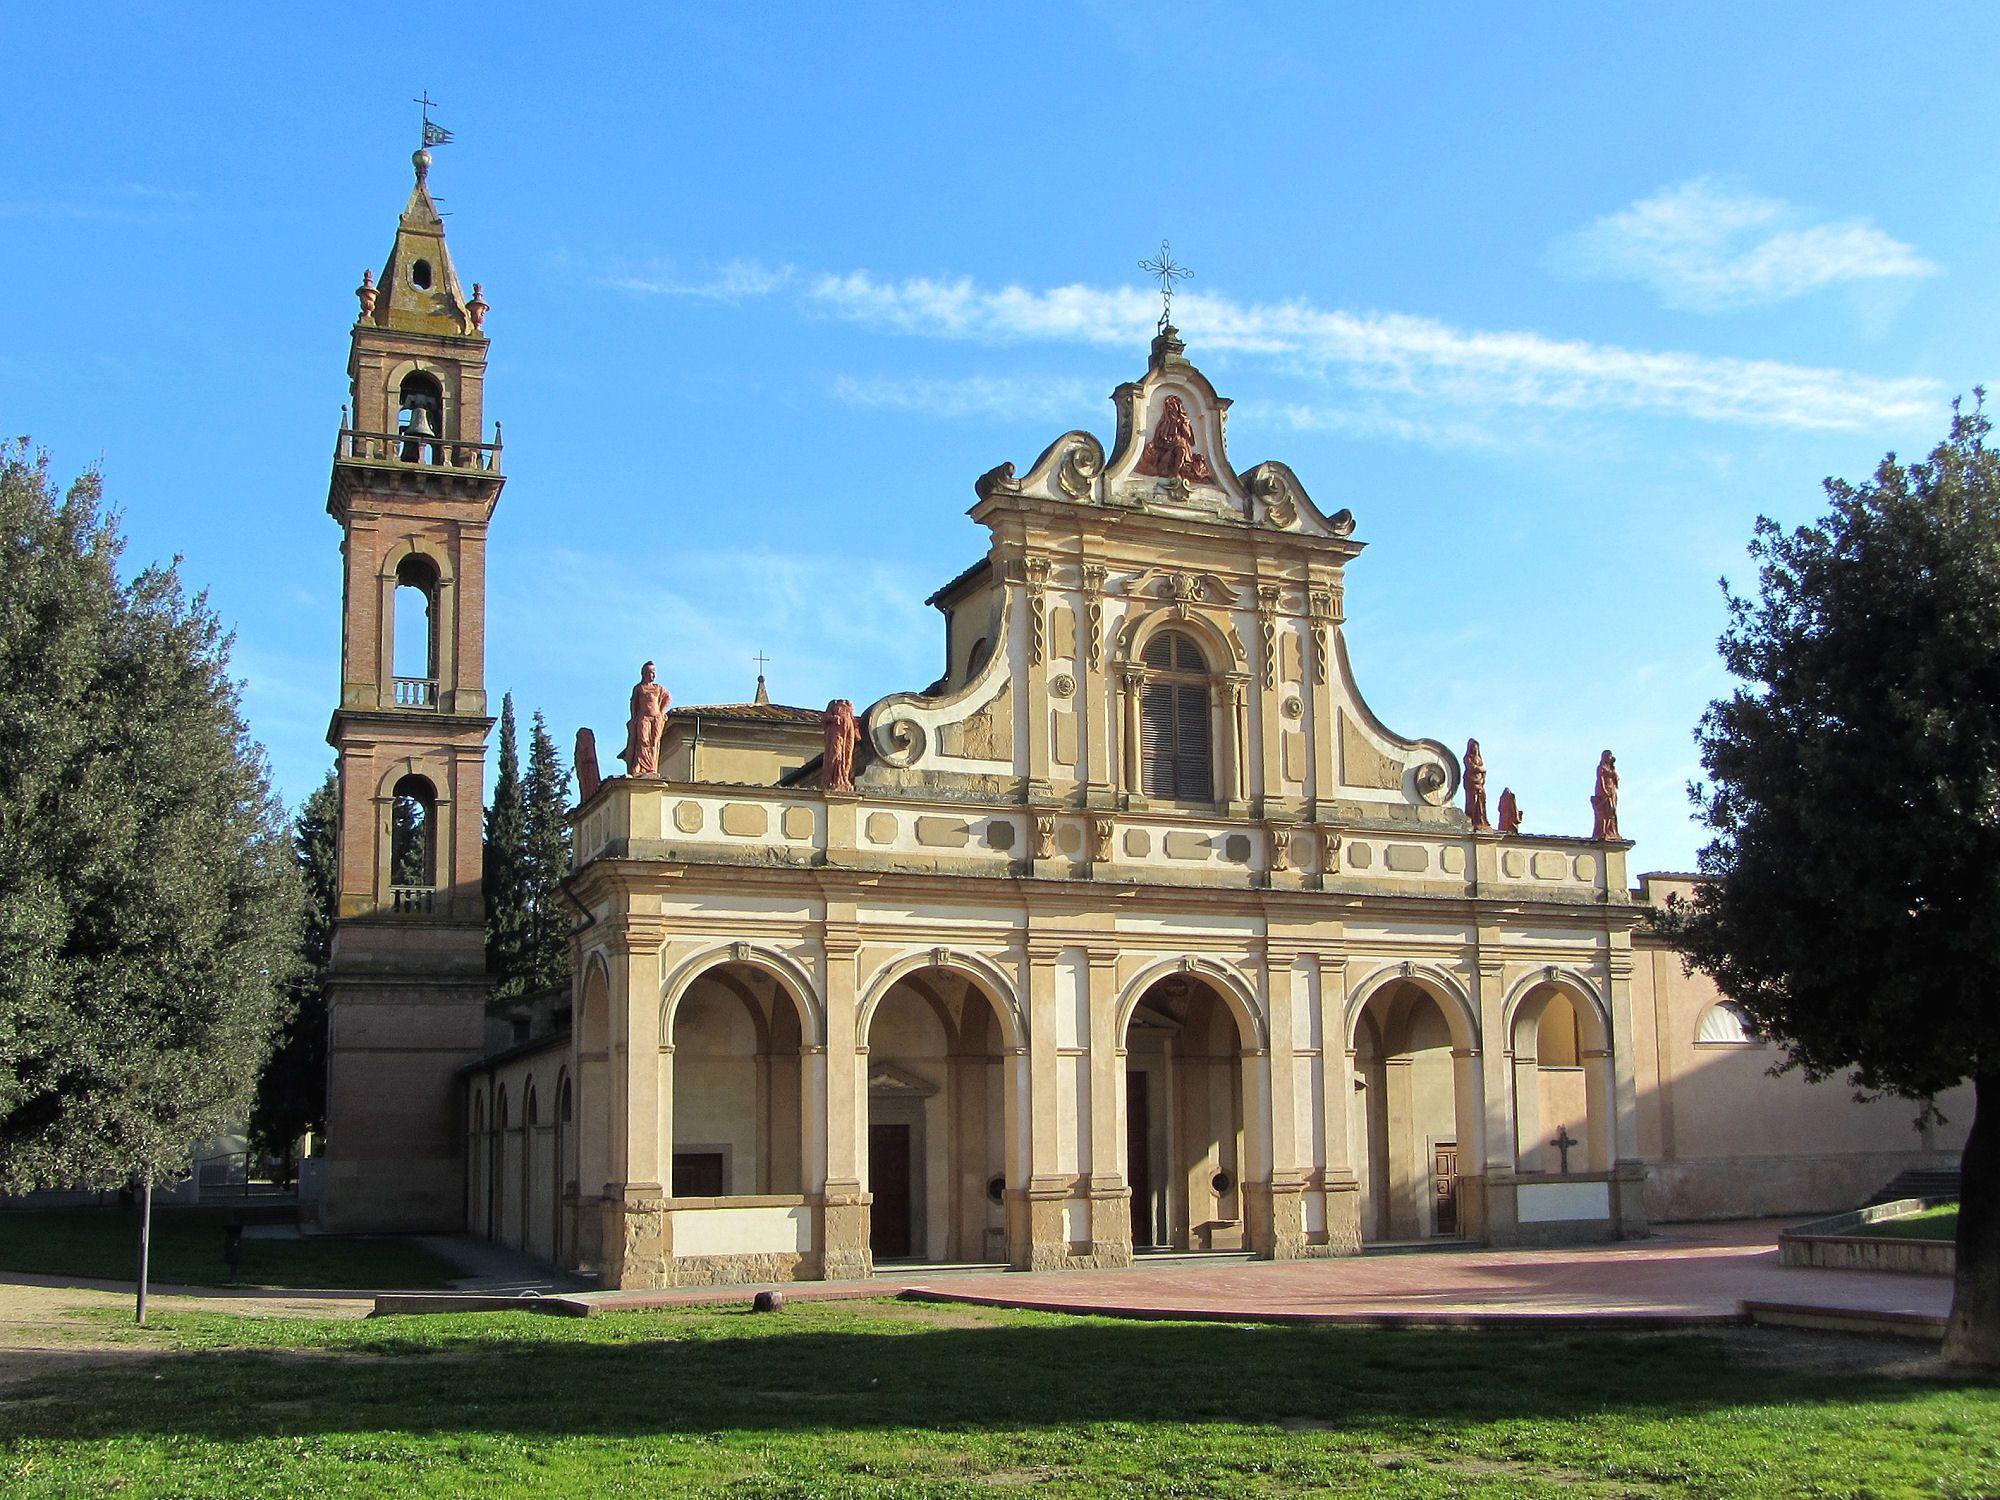 Castelfiorentino - Cerca con Google